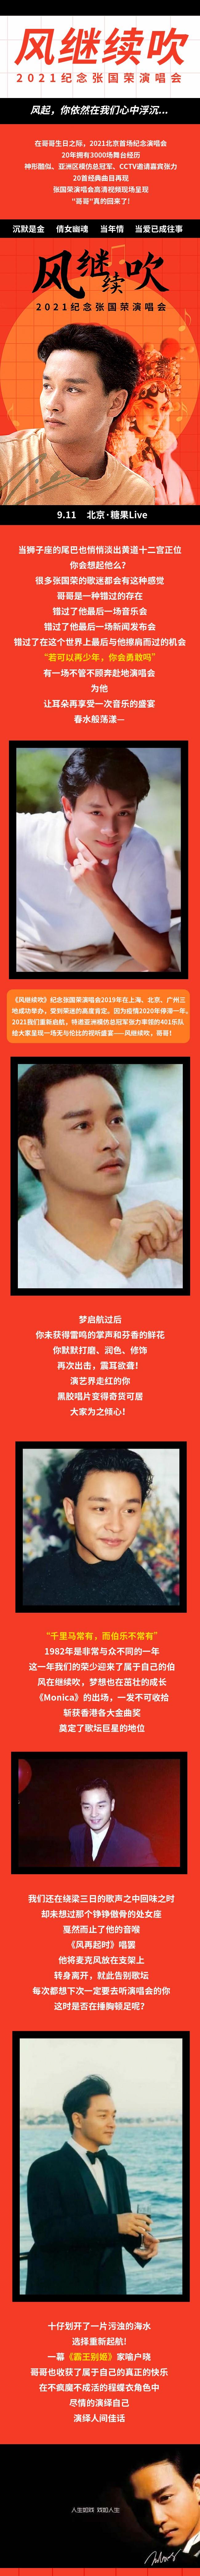 张国荣长图文_01(1).jpg